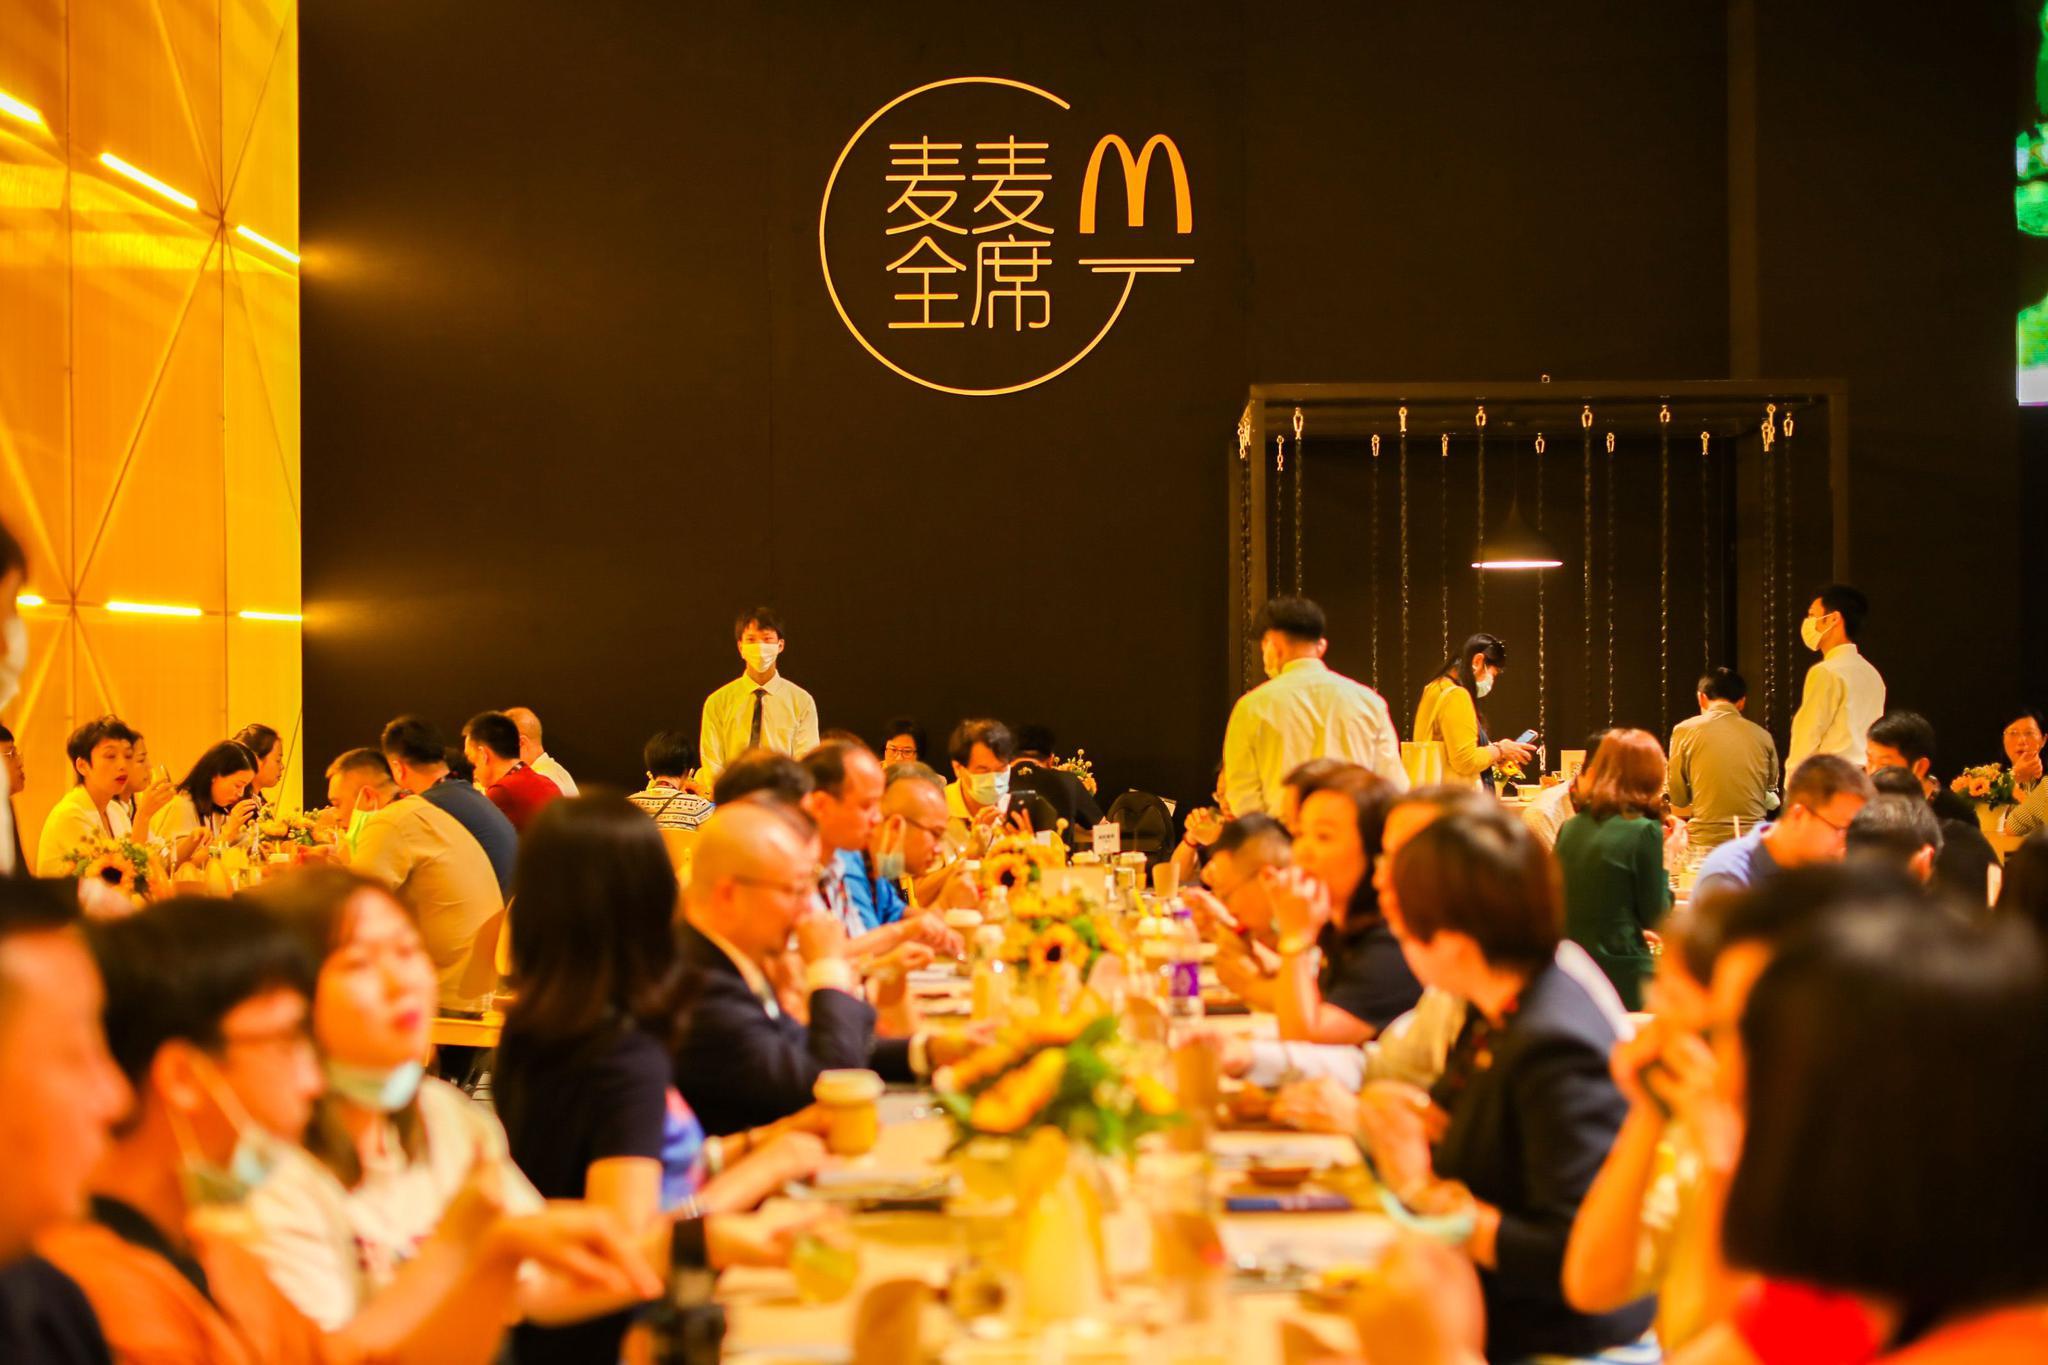 麦当劳中国启动青年人才造就规划,投资跨越1亿元